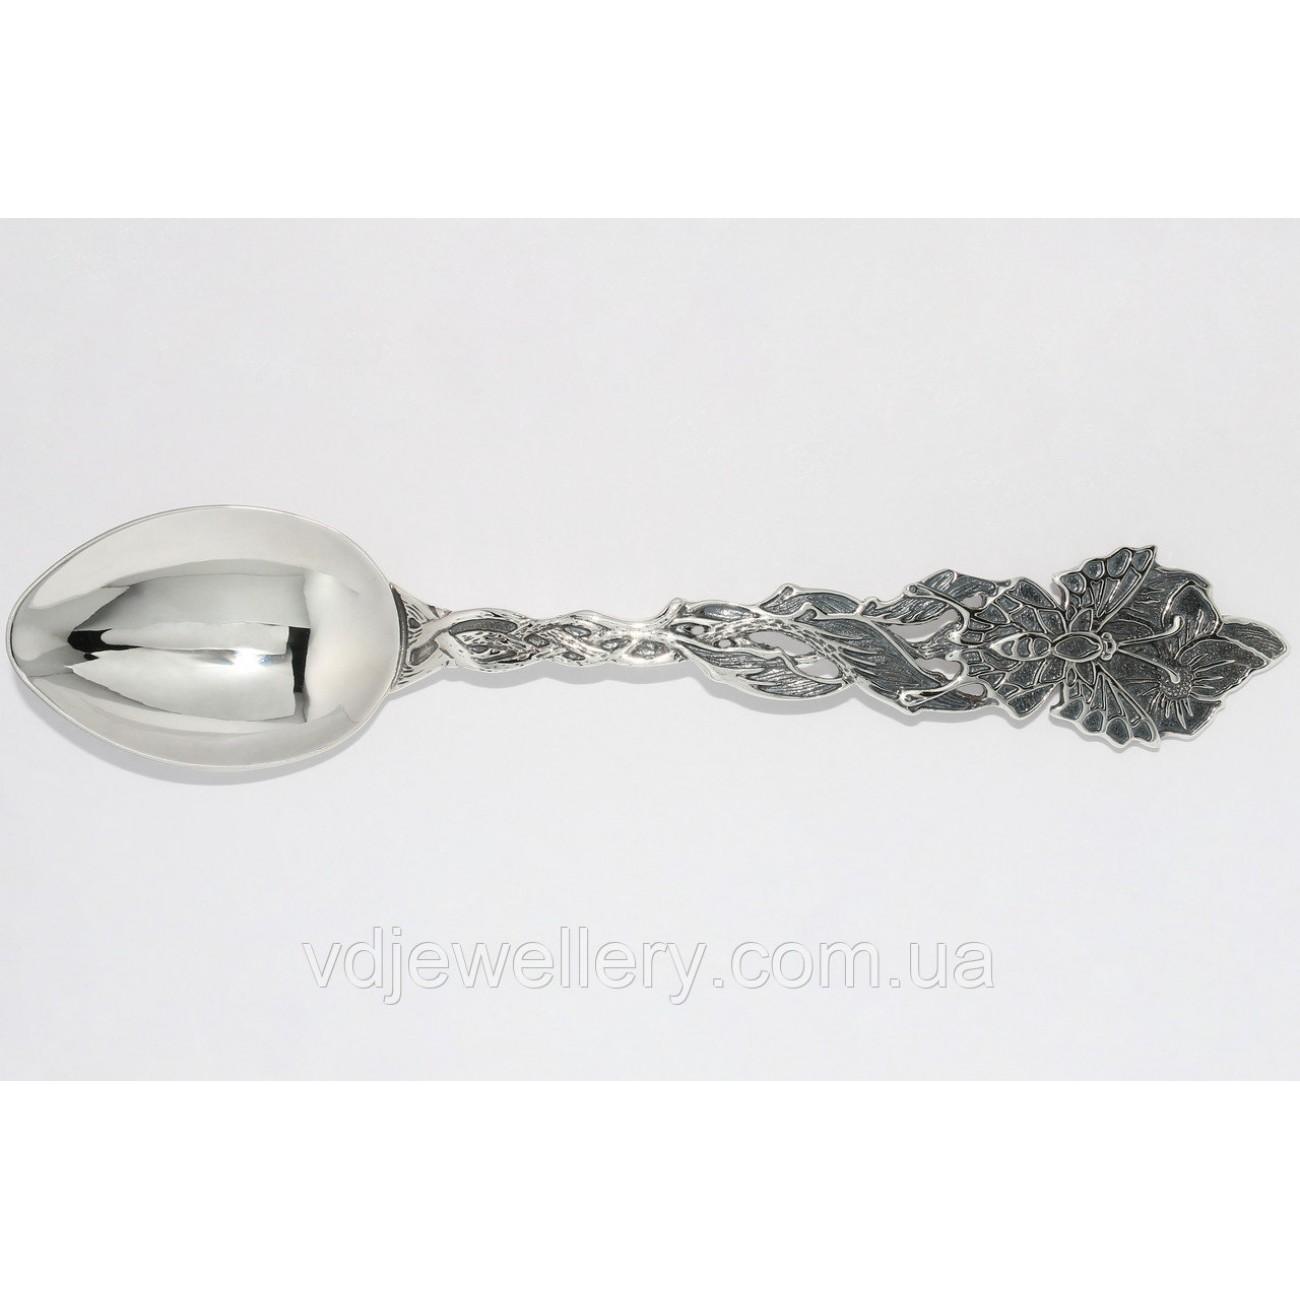 Десертная серебряная ложка 116ЛТ